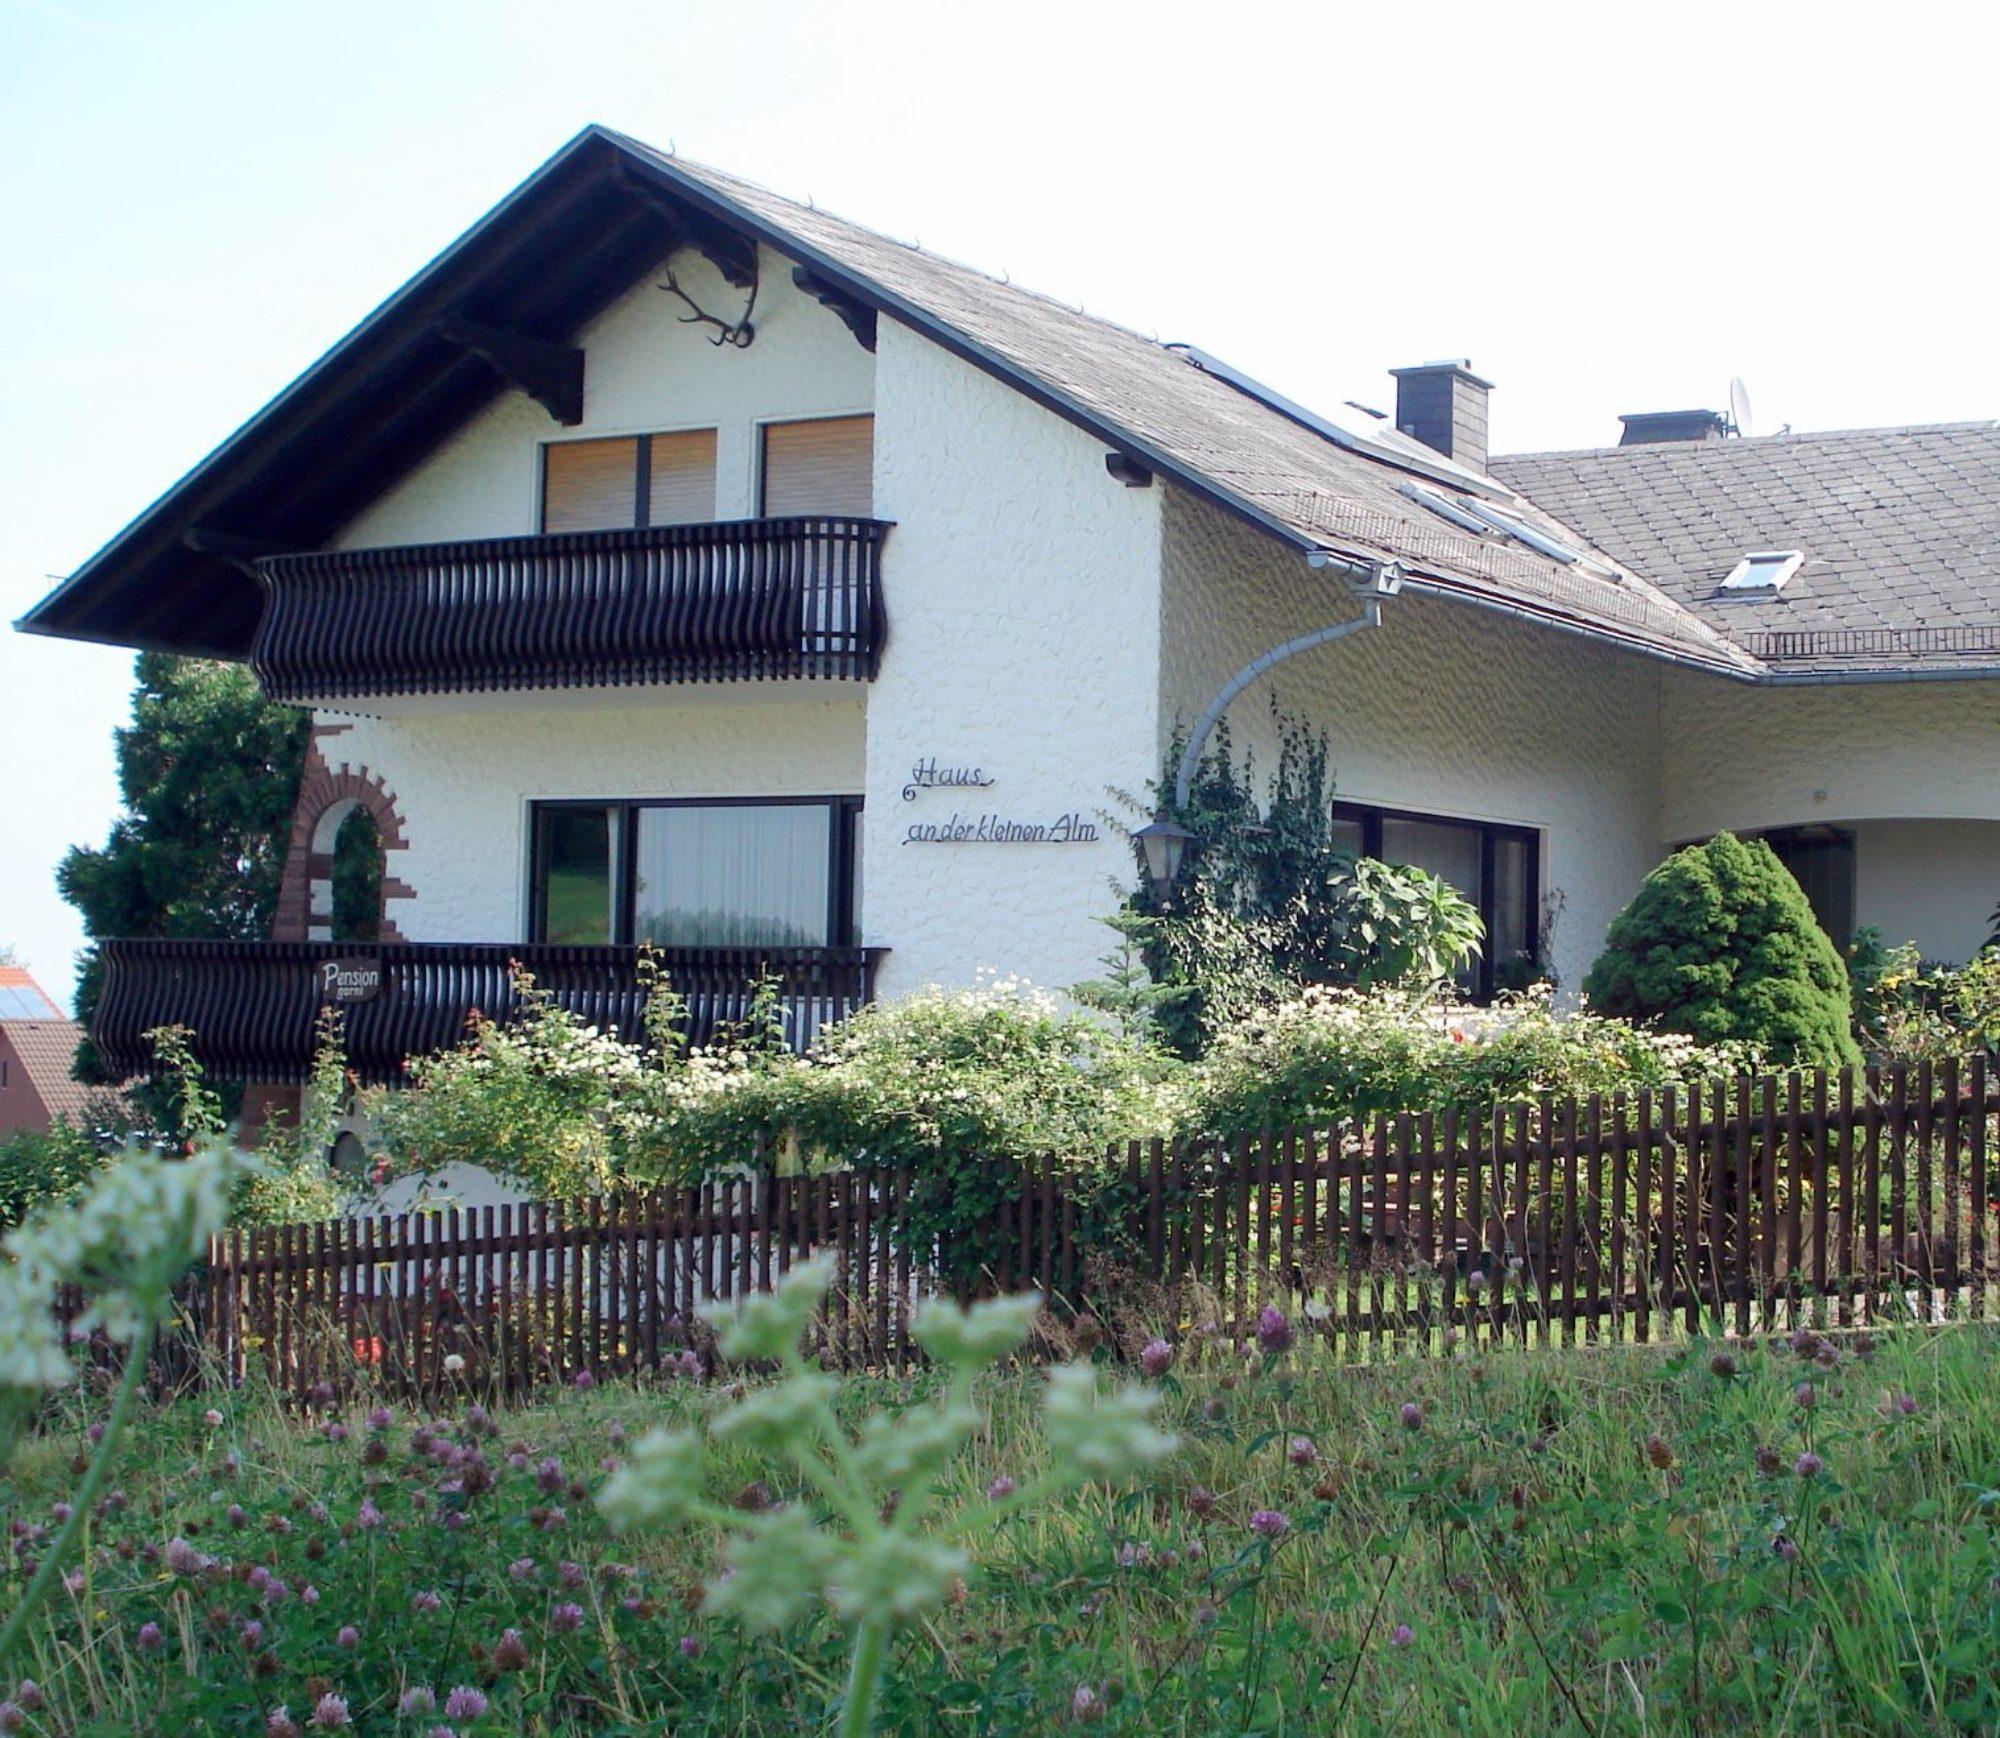 Haus an der kleinen alm